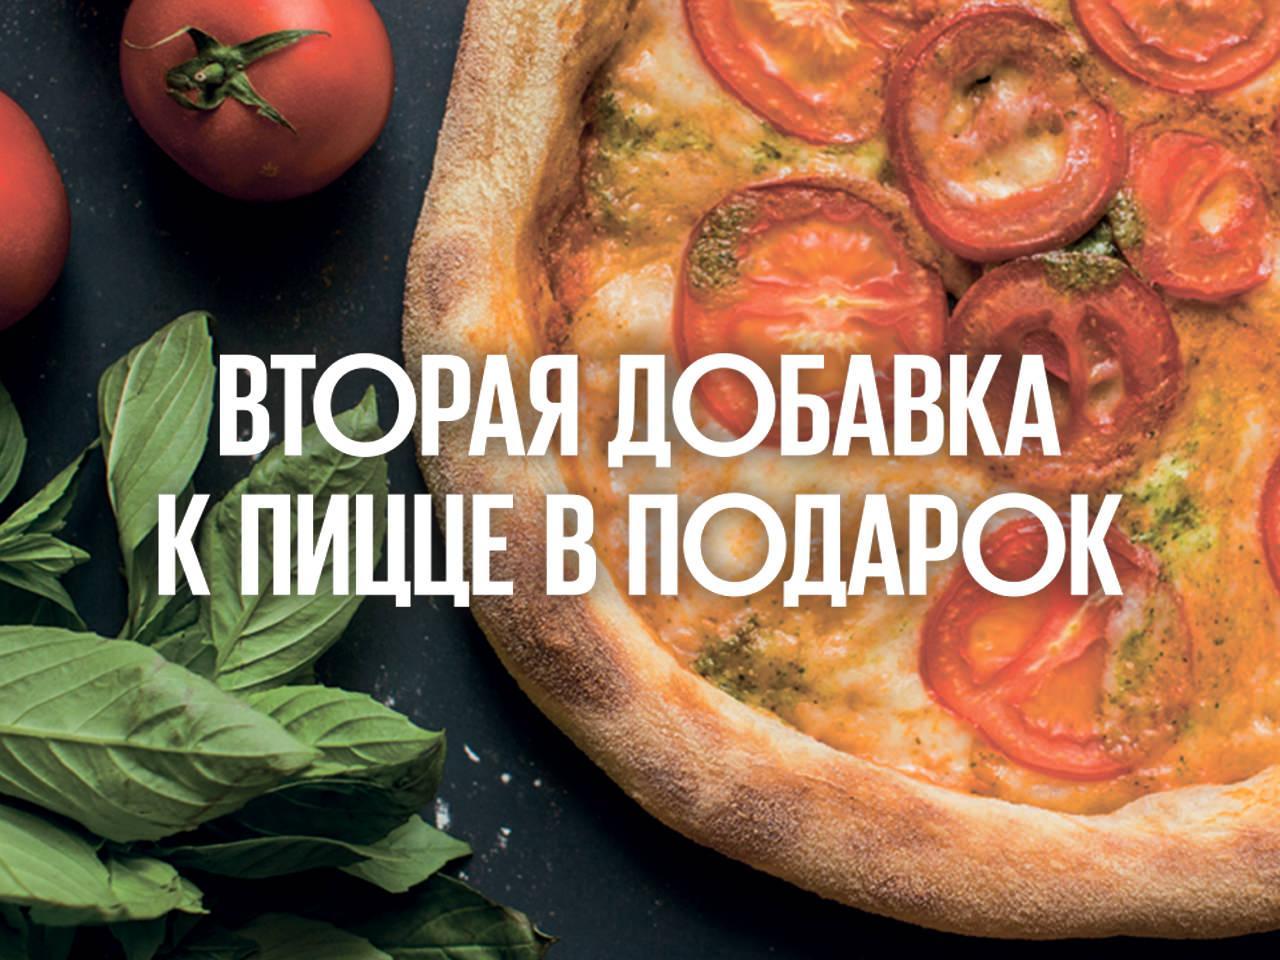 Вторая добавка к пицце в подарок!